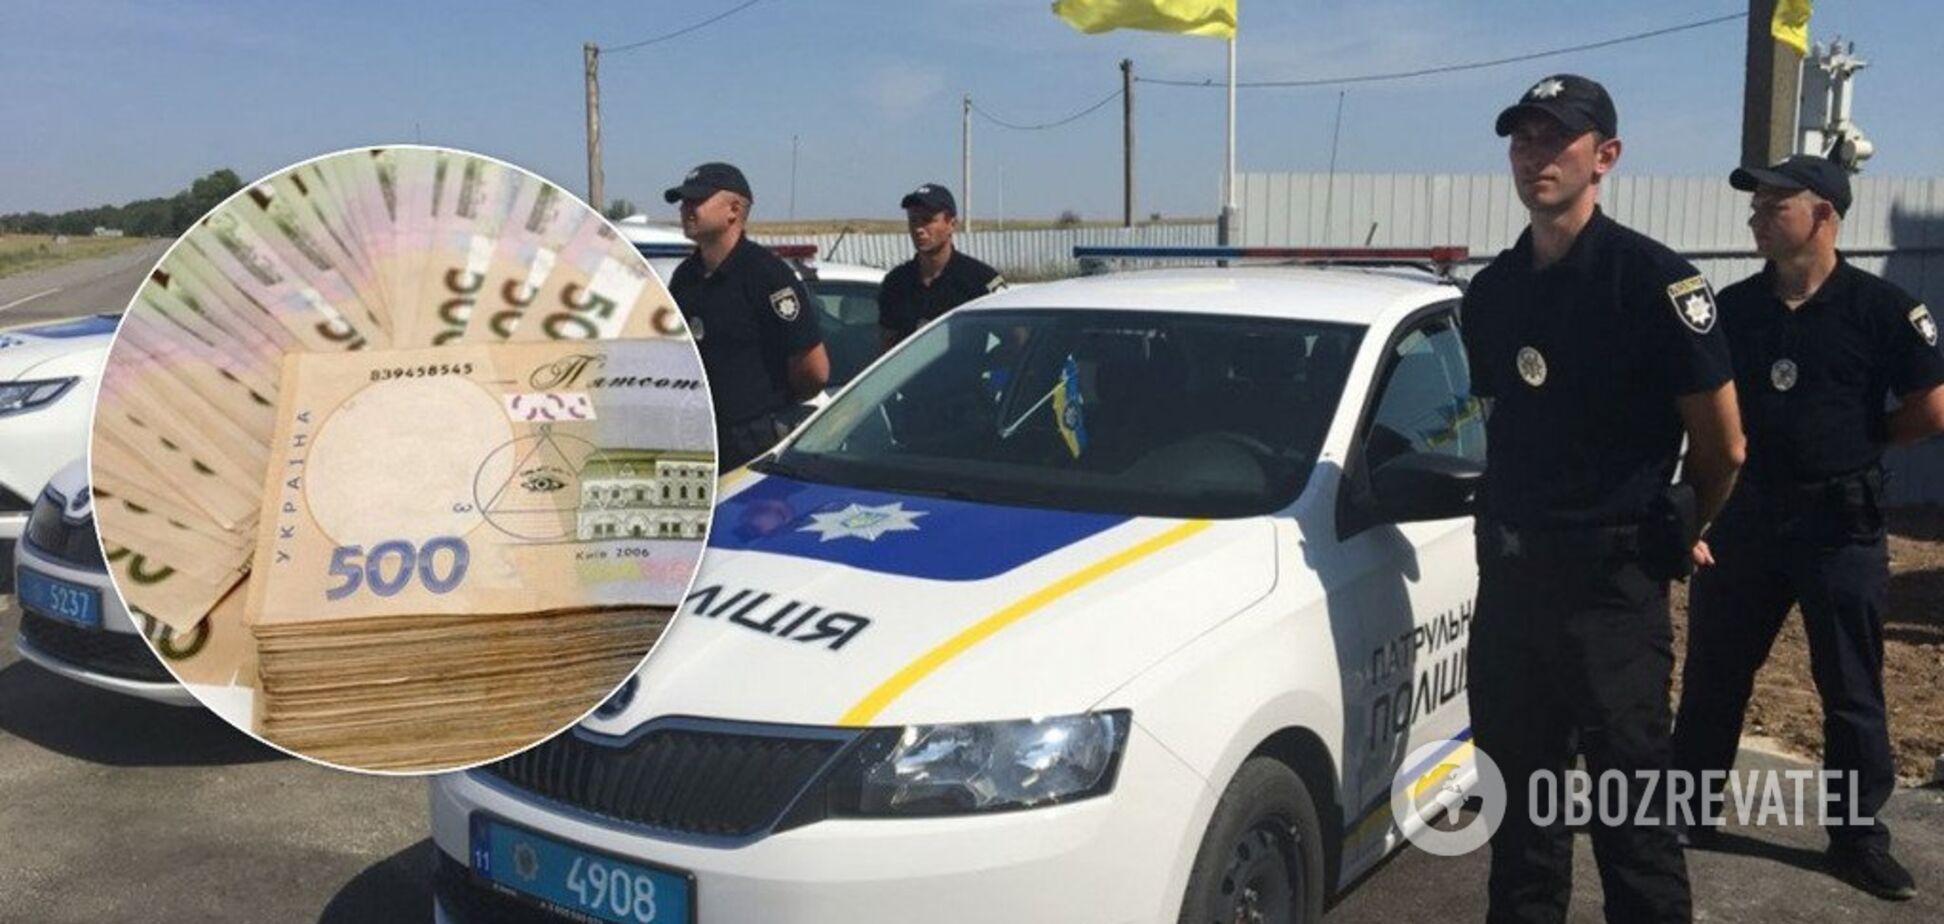 В МВД резко поднимут зарплаты: Геращенко рассказал, кому и на сколько